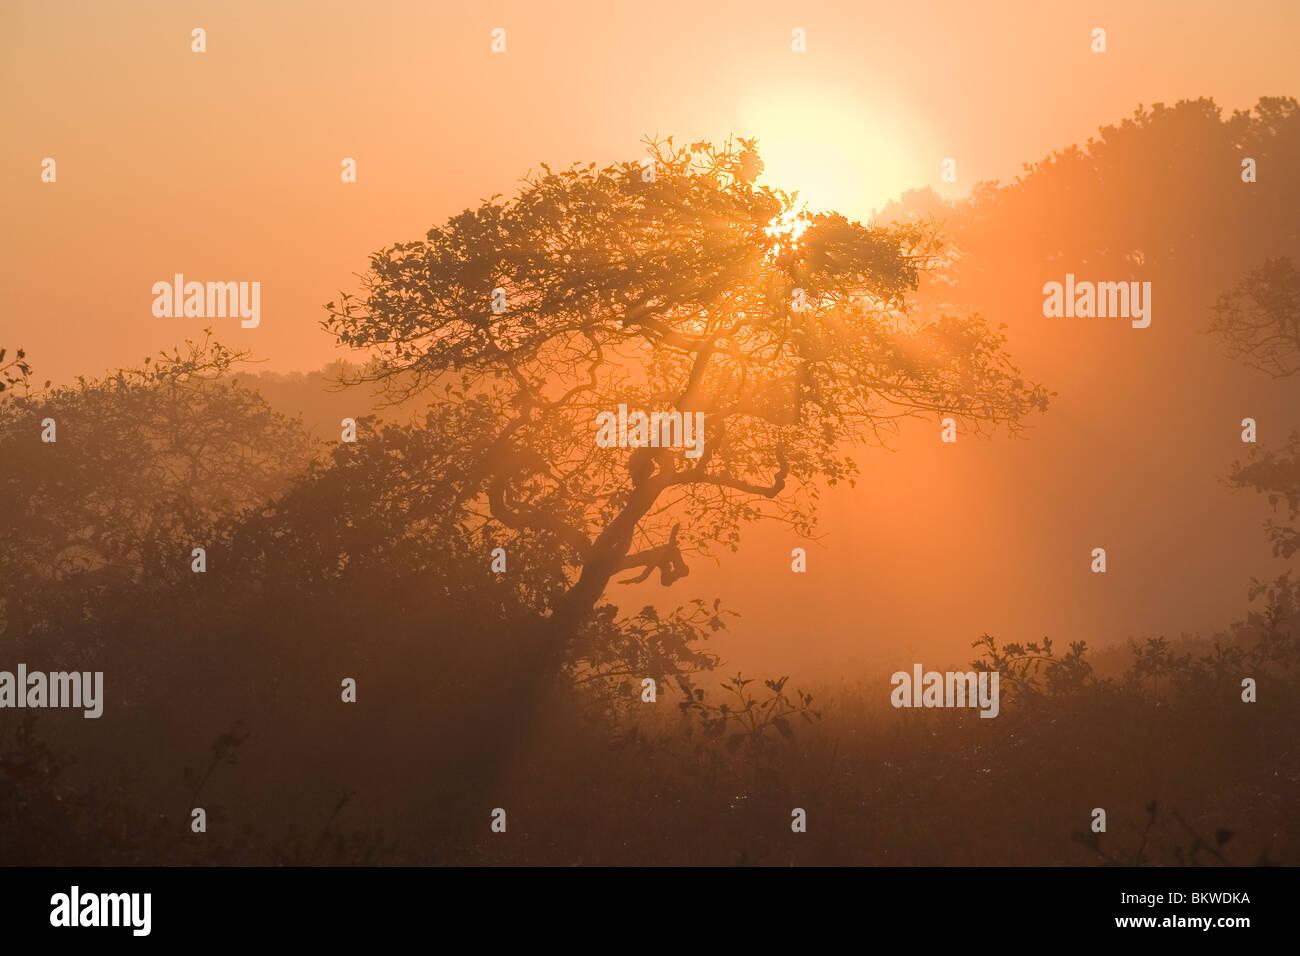 Sunrise over misty land. - Stock Image